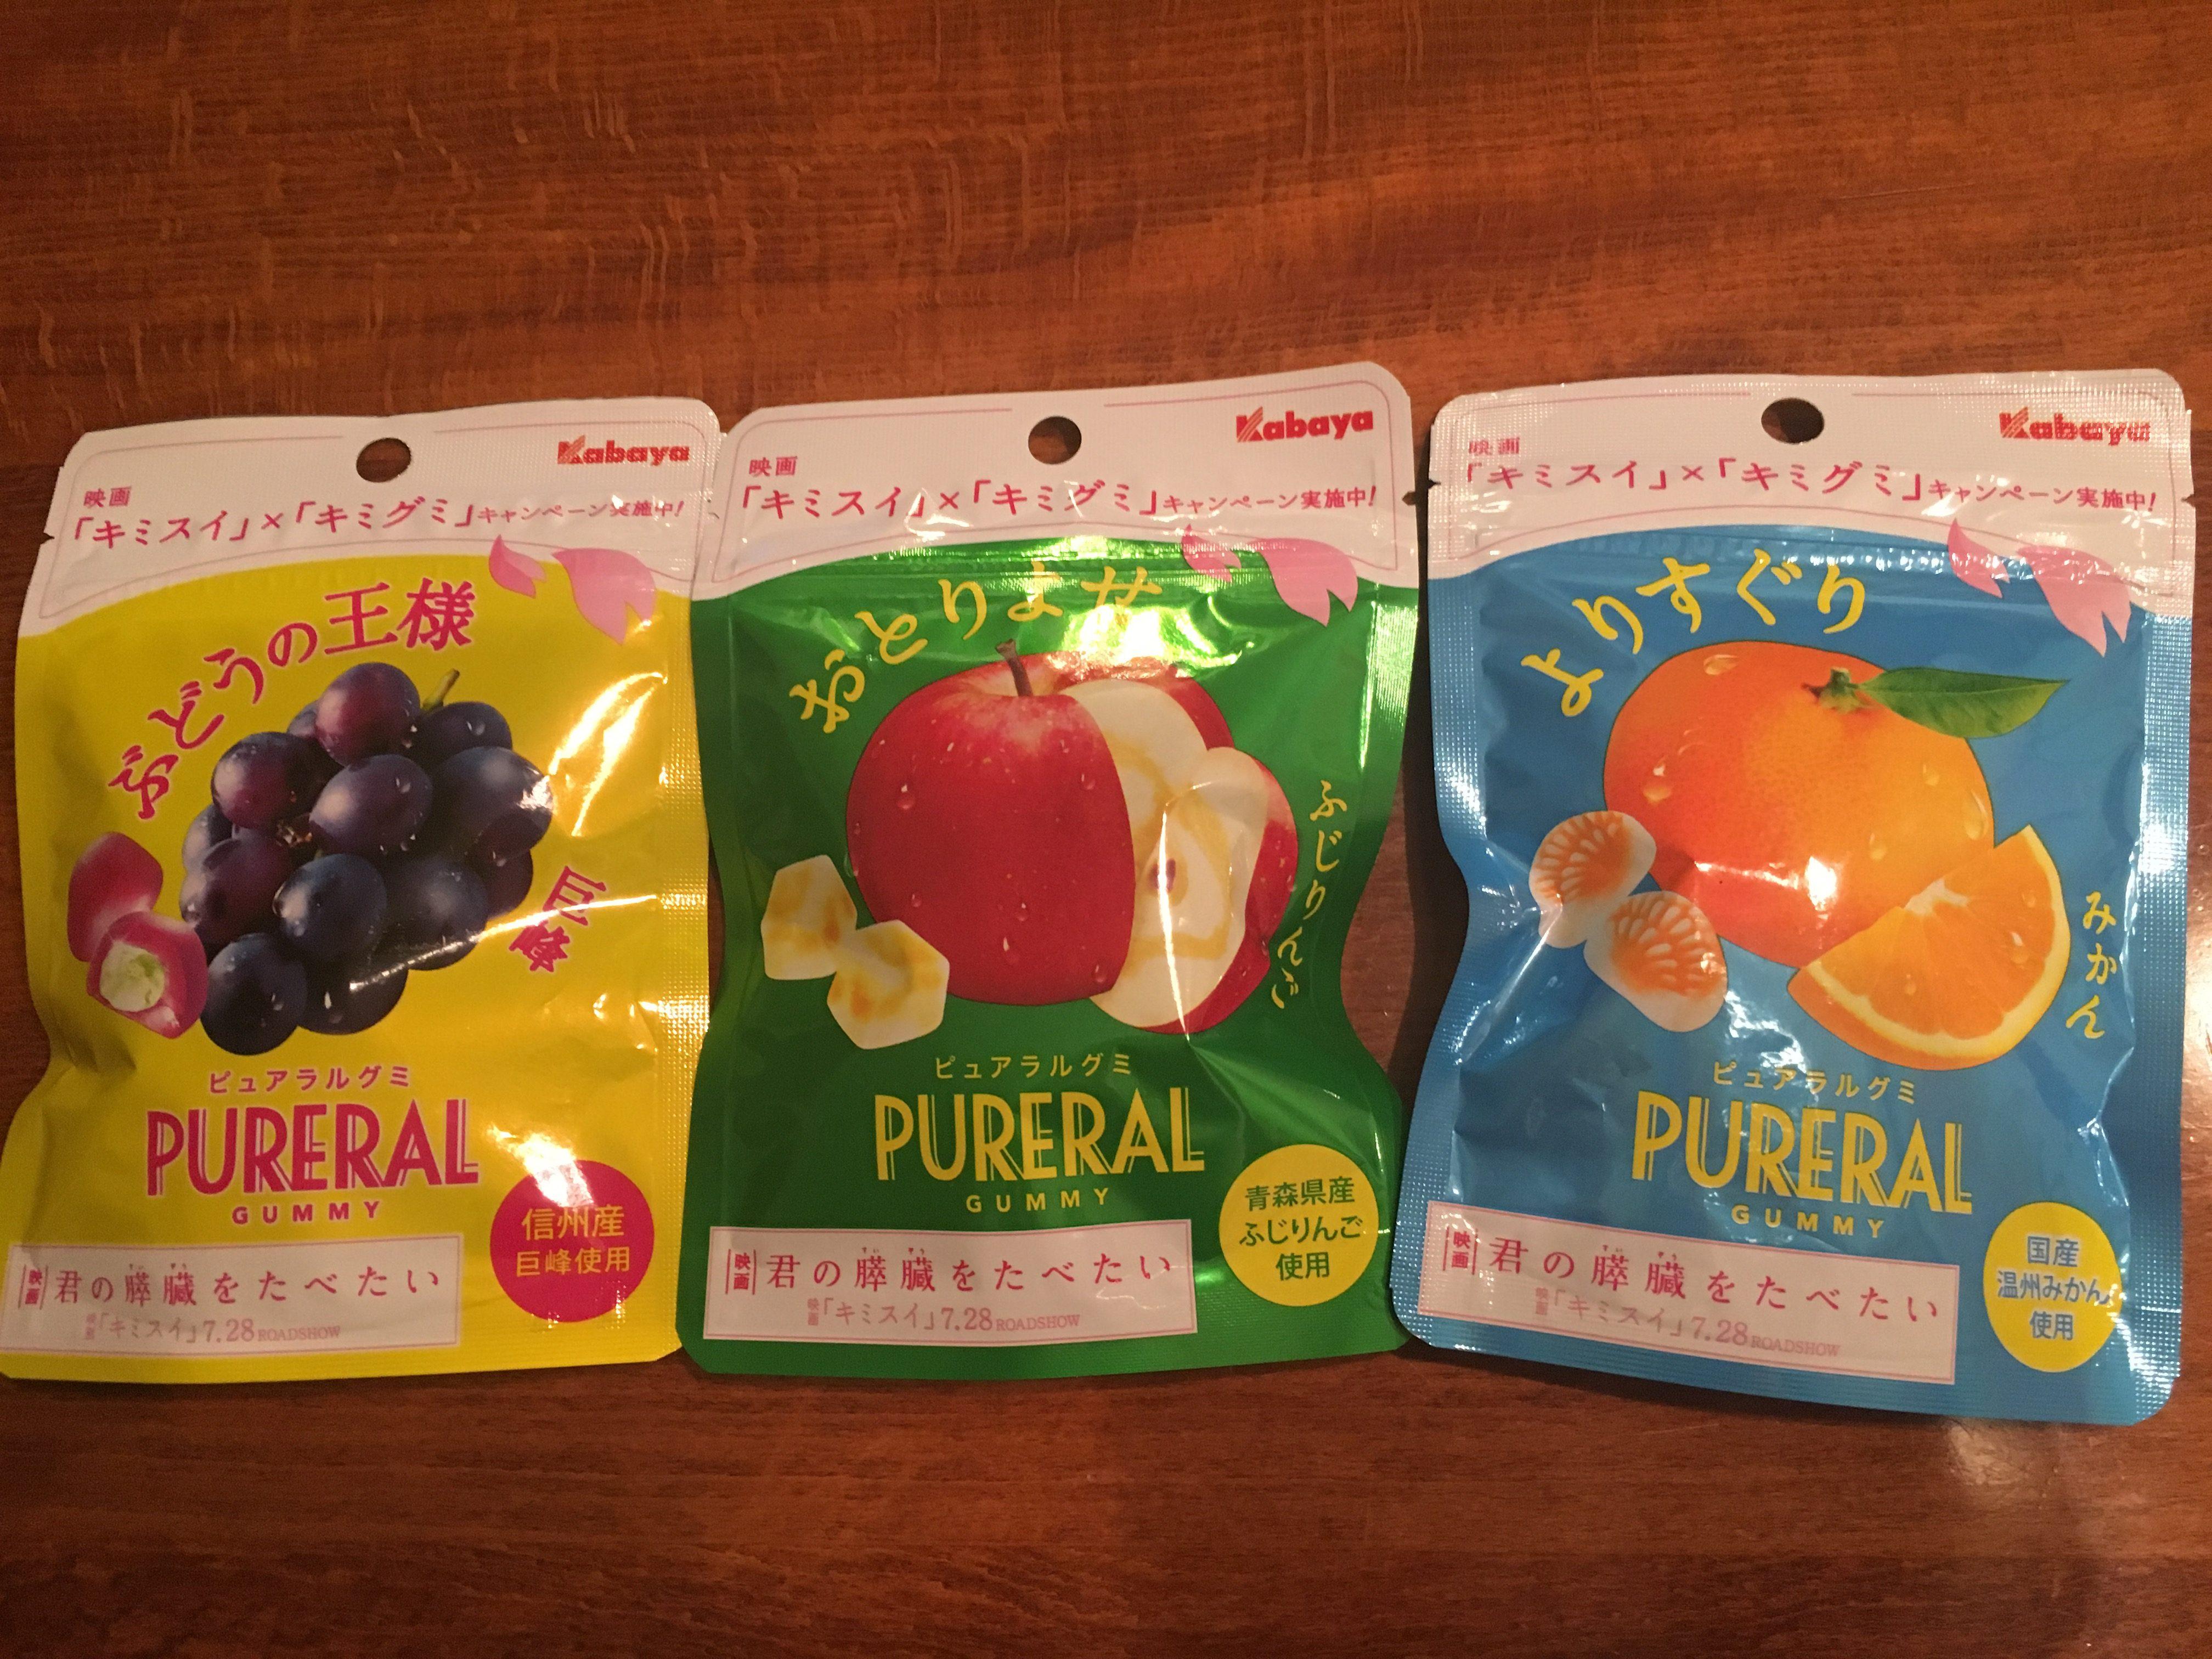 カバヤのピュアラルグミの果物感が凄い!3種類を食べ比べてみてた!